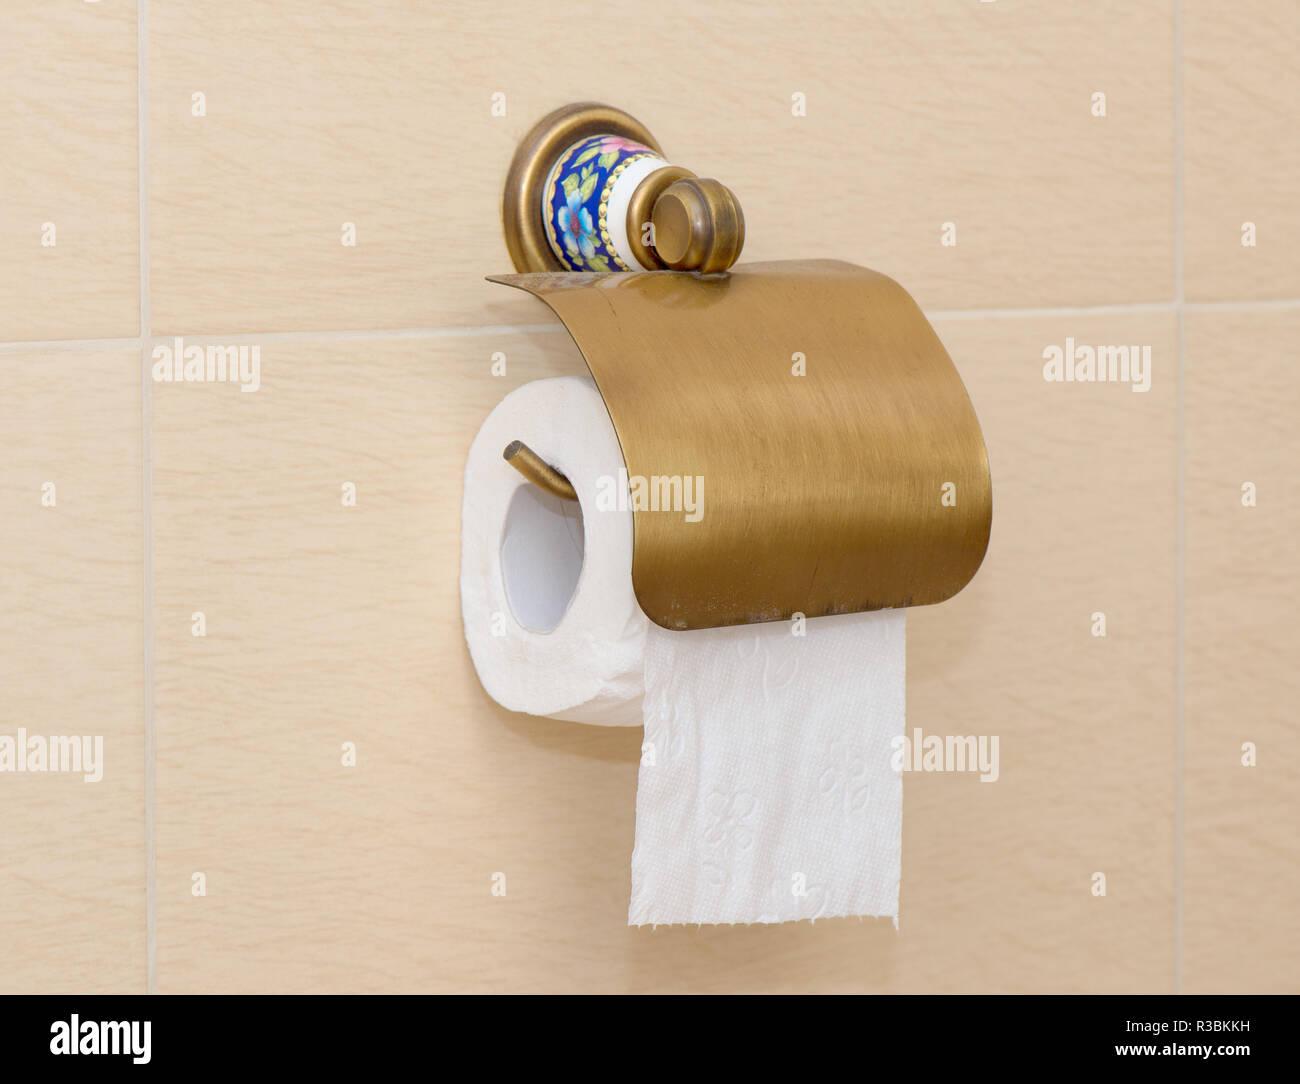 Un rouleau de papier toilette accroché au mur Banque D ...